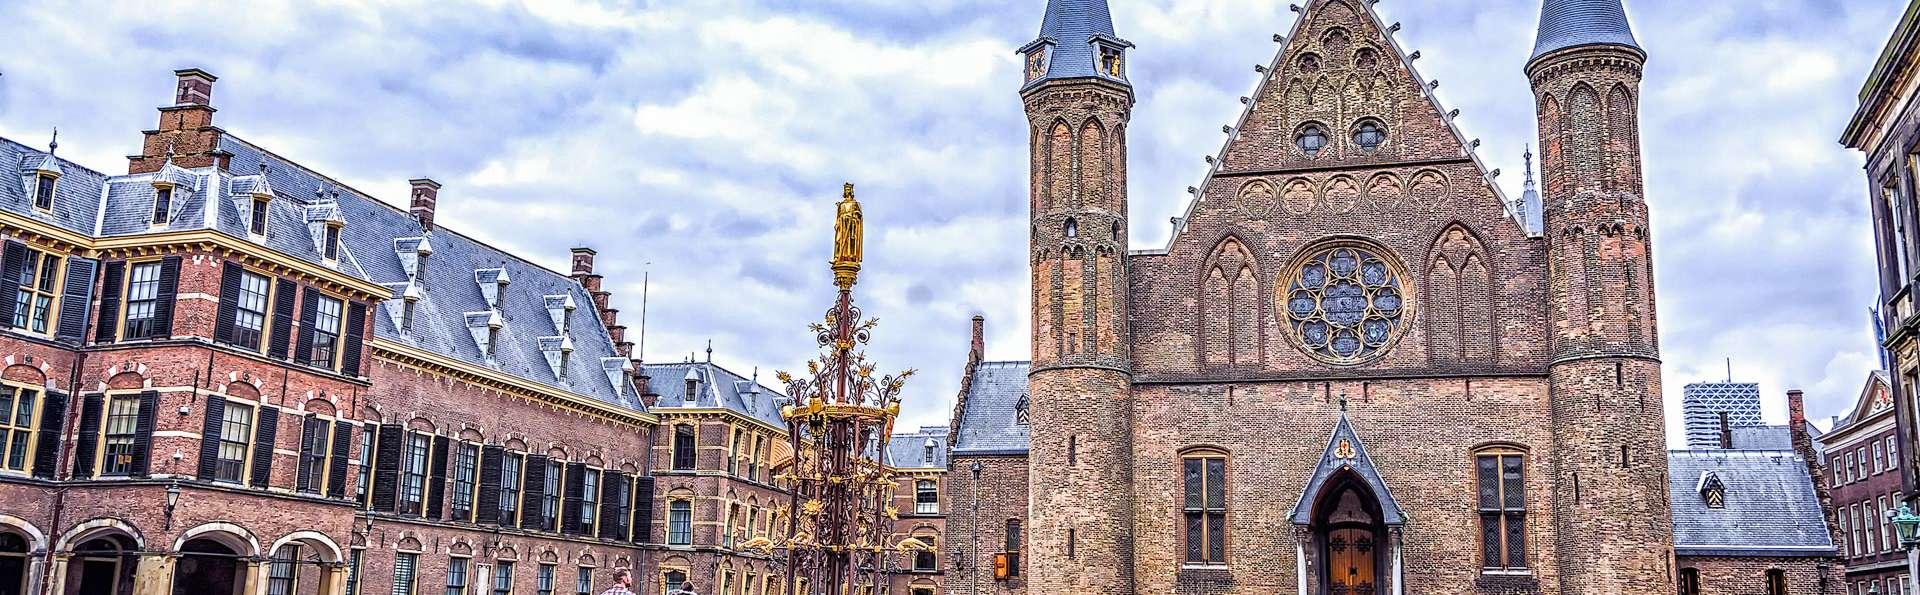 Luxe et confort dans un beau 4 étoiles du centre de La Haye (deux nuits minimum)